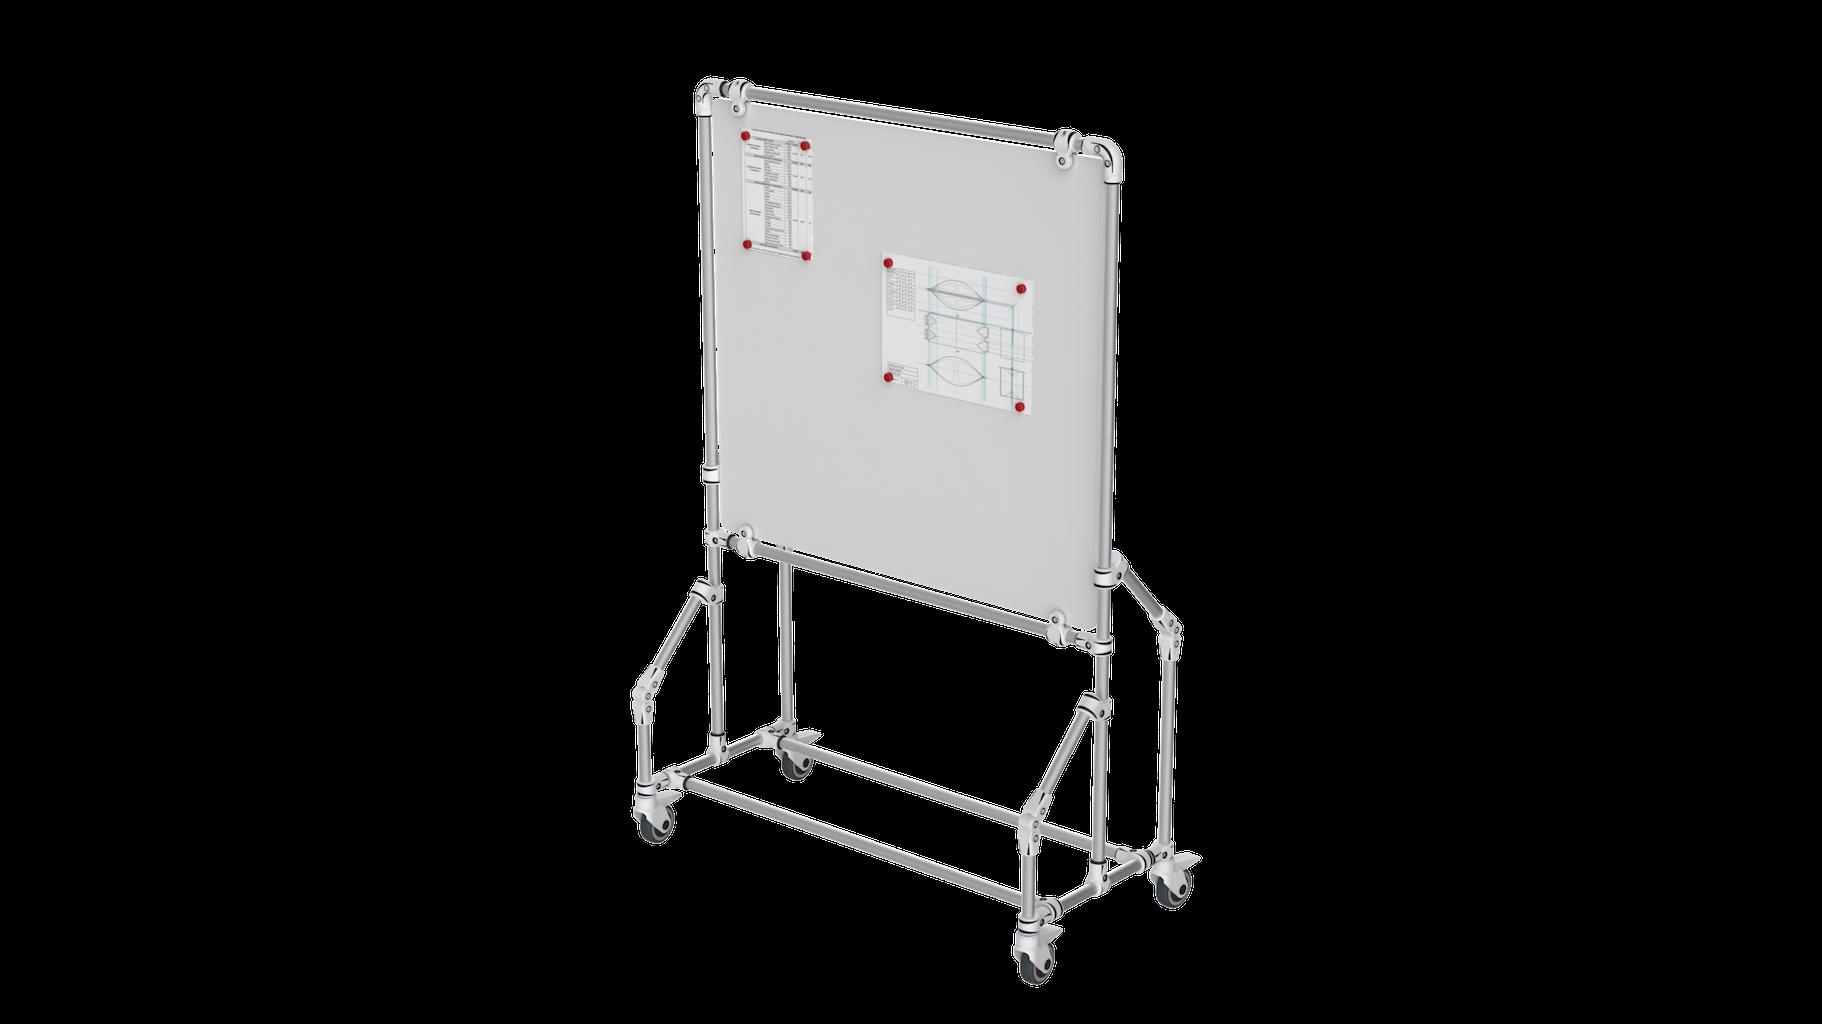 Instruction board